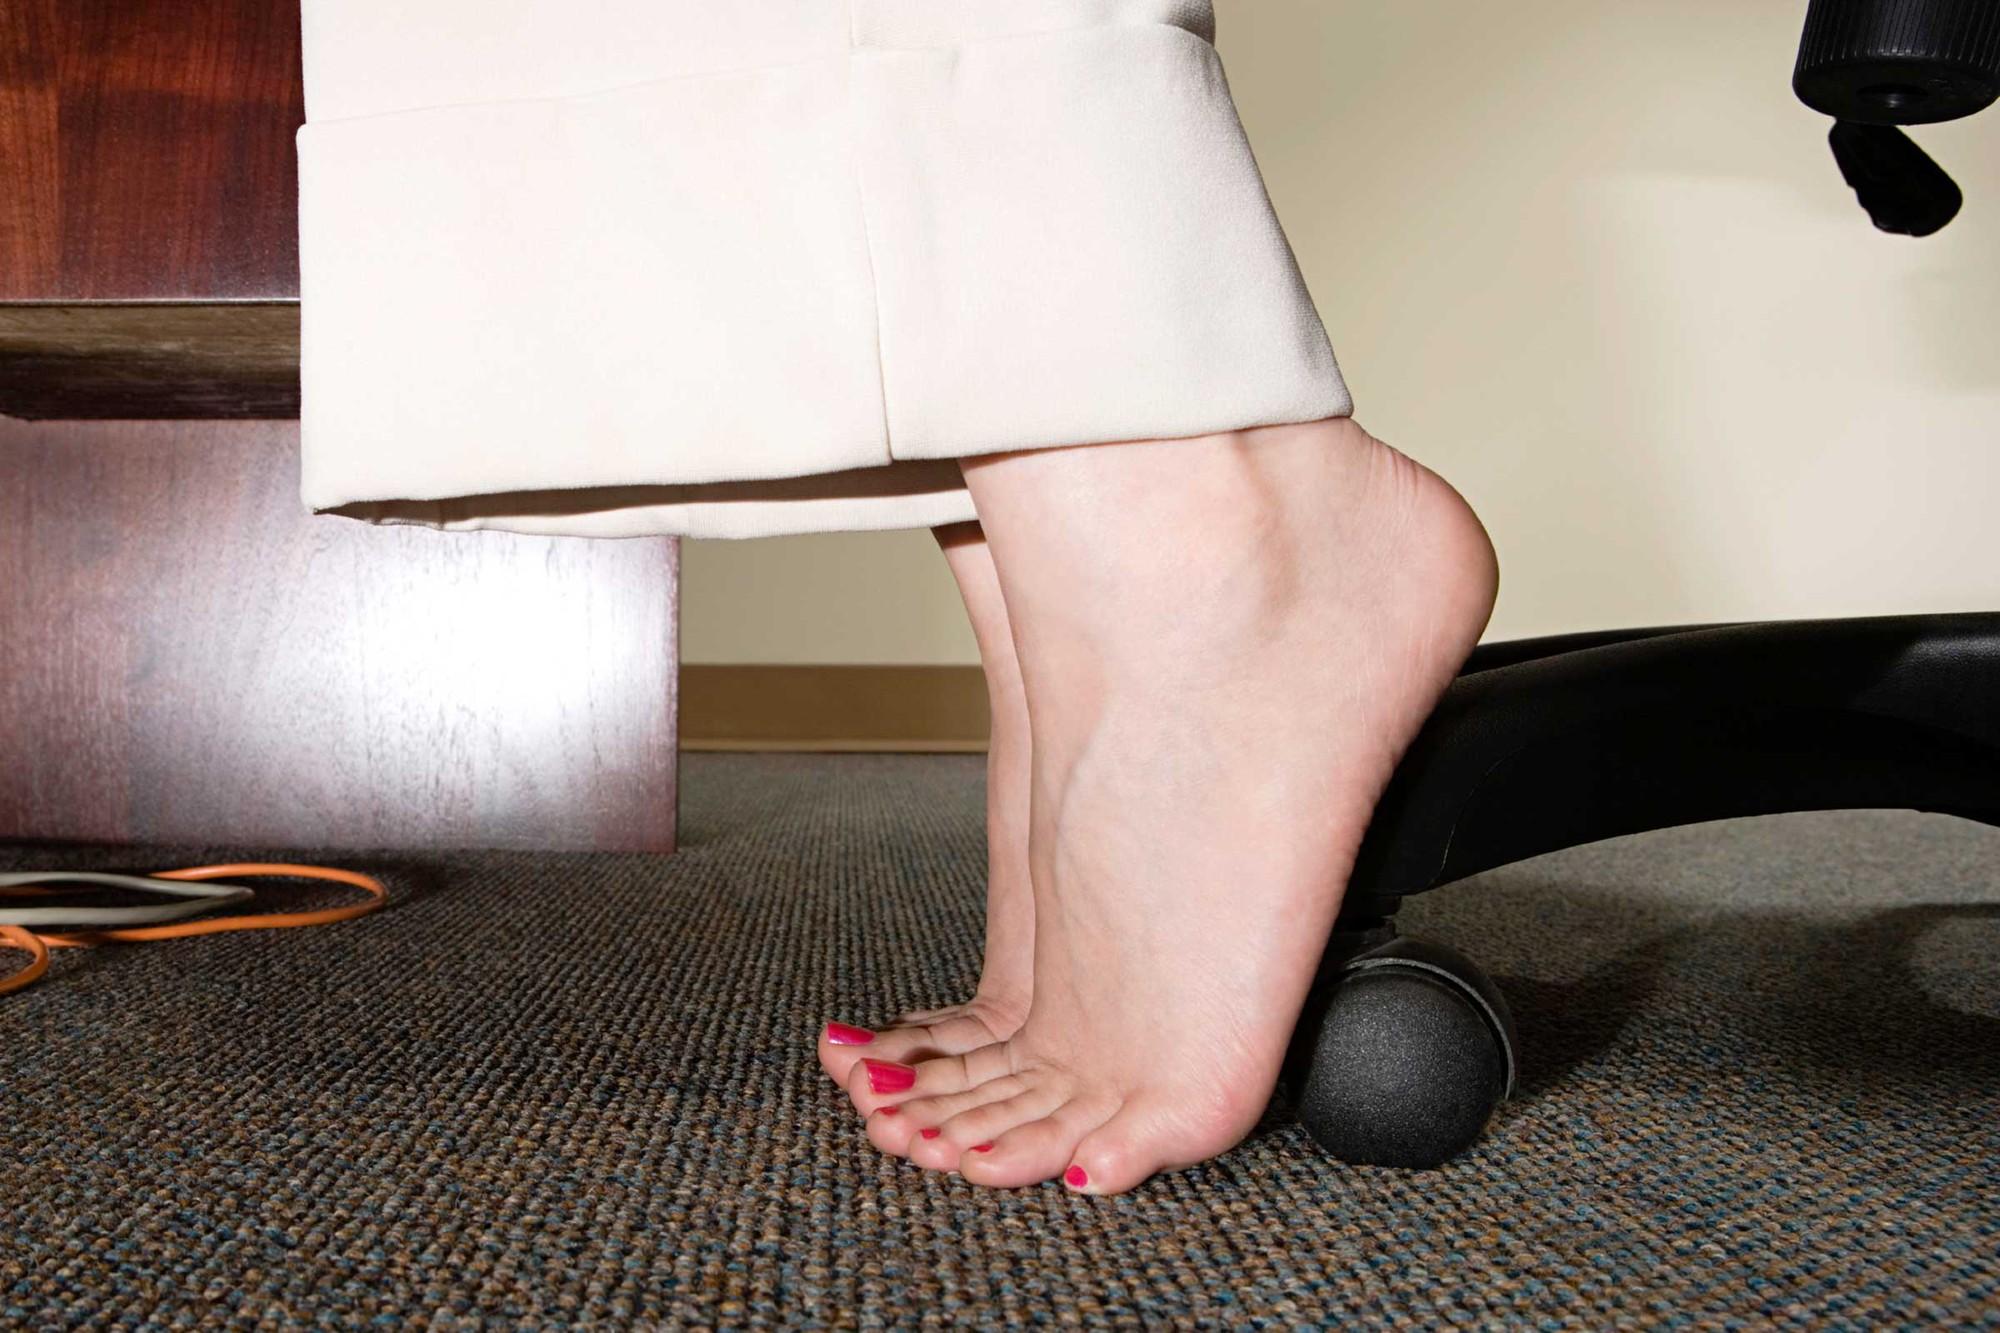 Dân văn phòng hay phải ngồi một chỗ thì học ngay bí kíp tập luyện kiểu này cho hiệu quả - Ảnh 5.